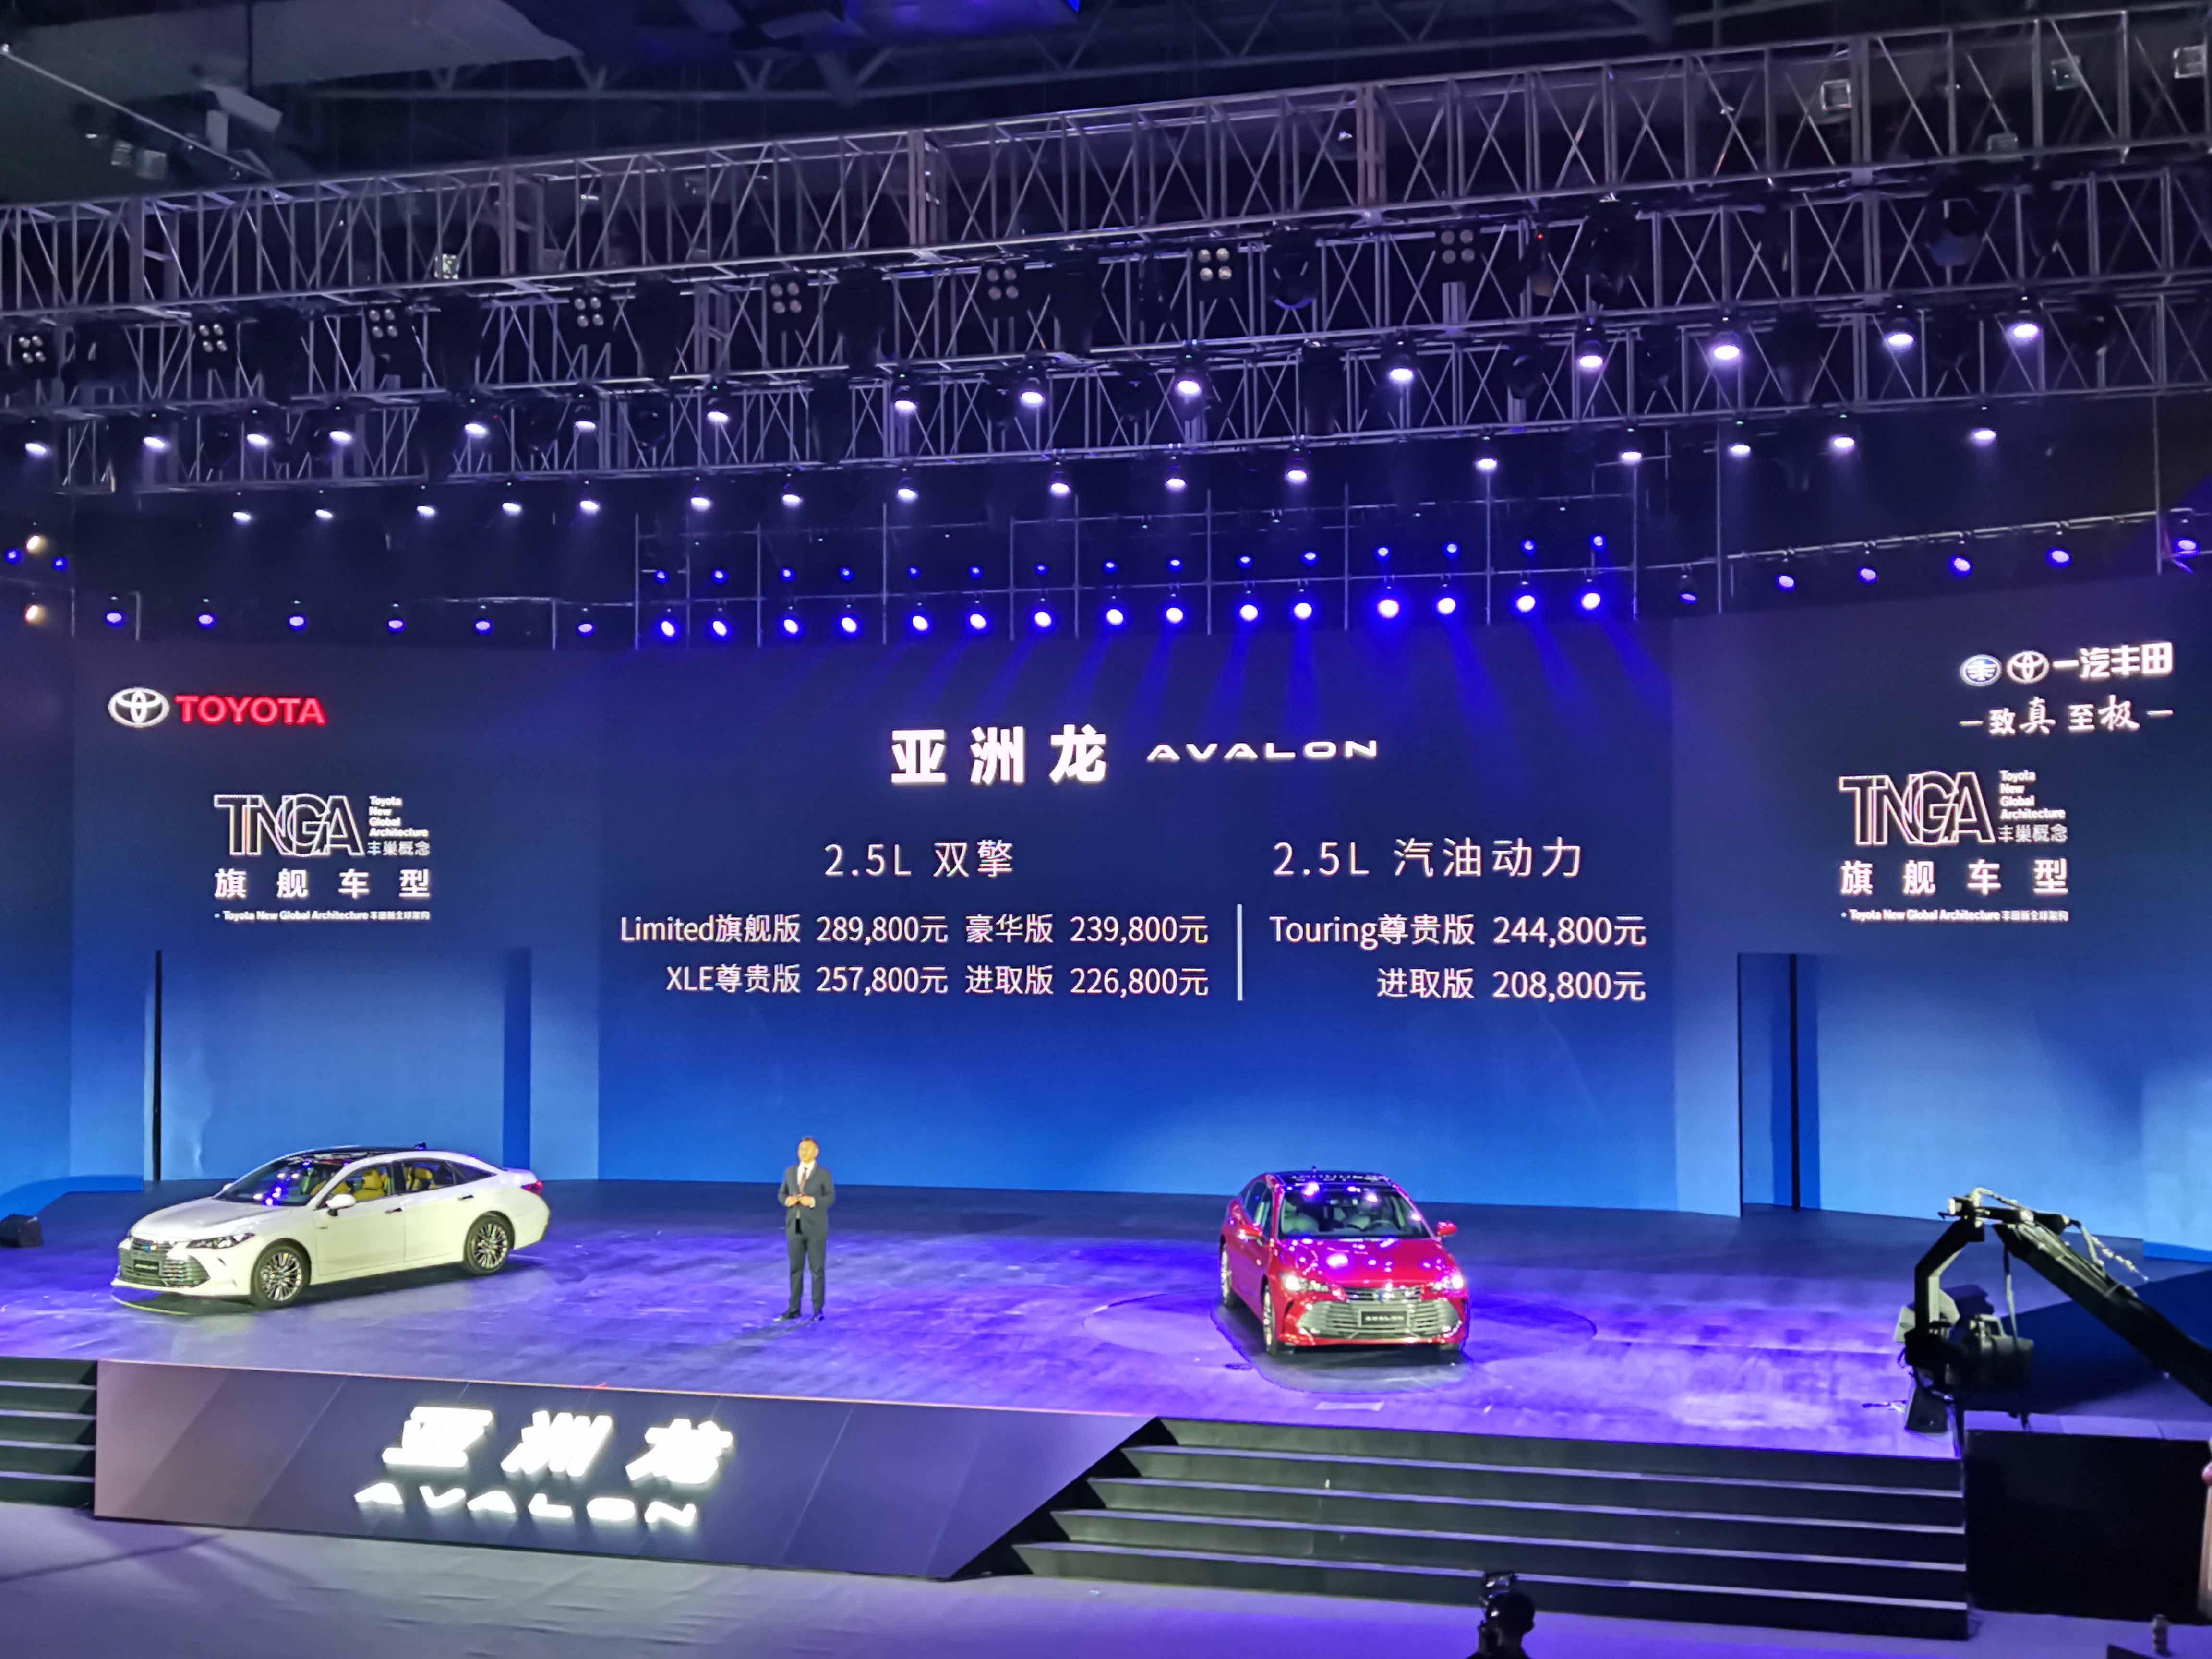 豐田亞洲龍正式上市 向B+級市場發出挑戰